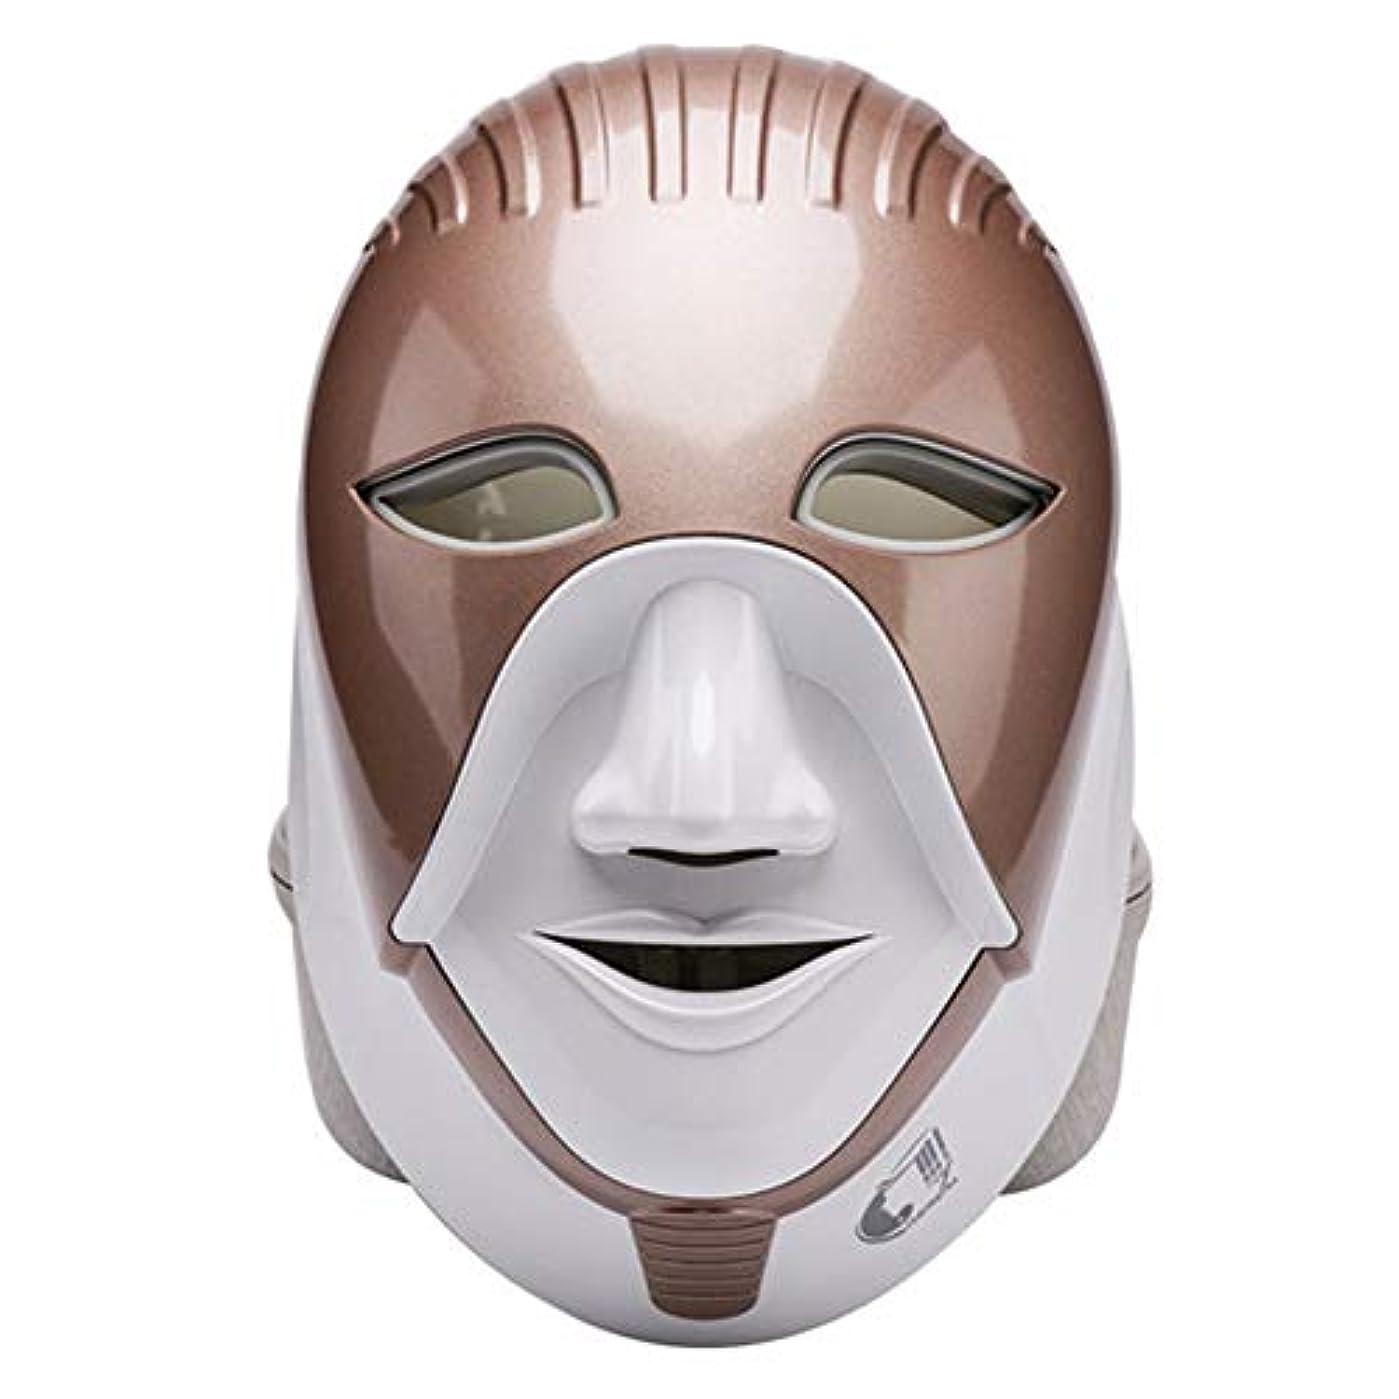 噛むすき不十分マスク、光線療法にきびマスク7色光をにきびに適用することができます。スポットにきび、引き締め肌ケアツール